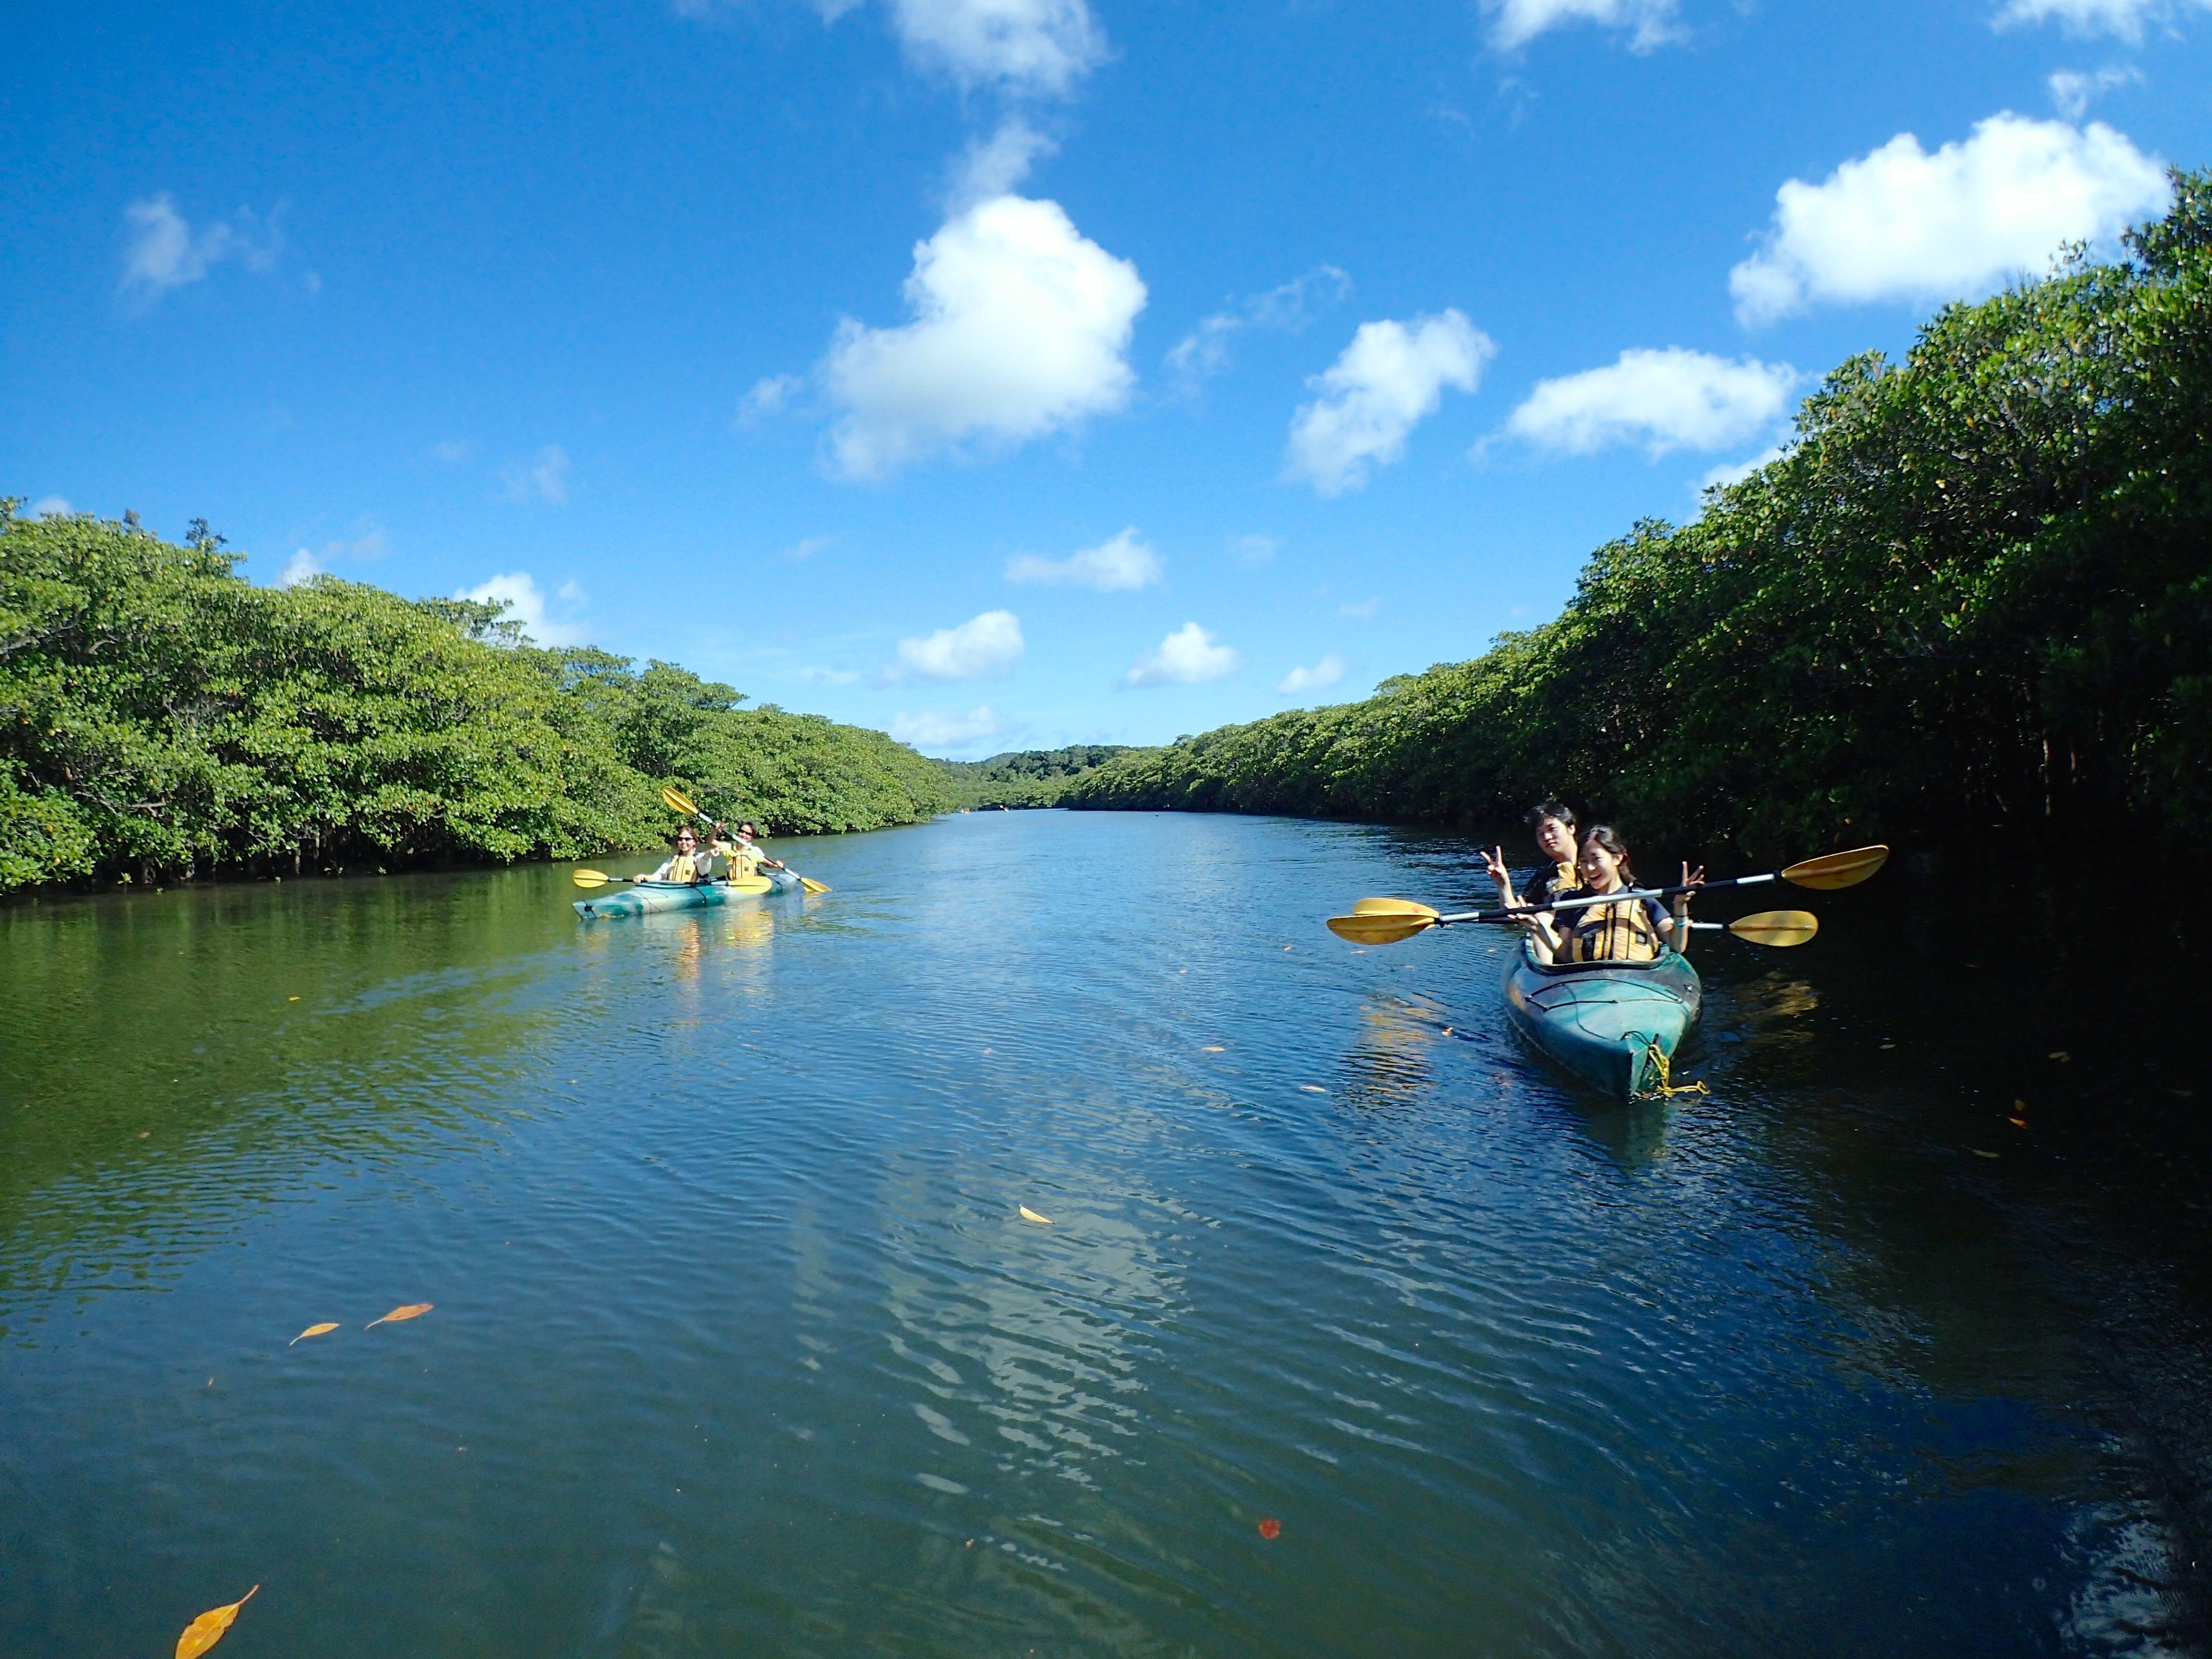 西表島のきれいな川をカヌーでクルーズ